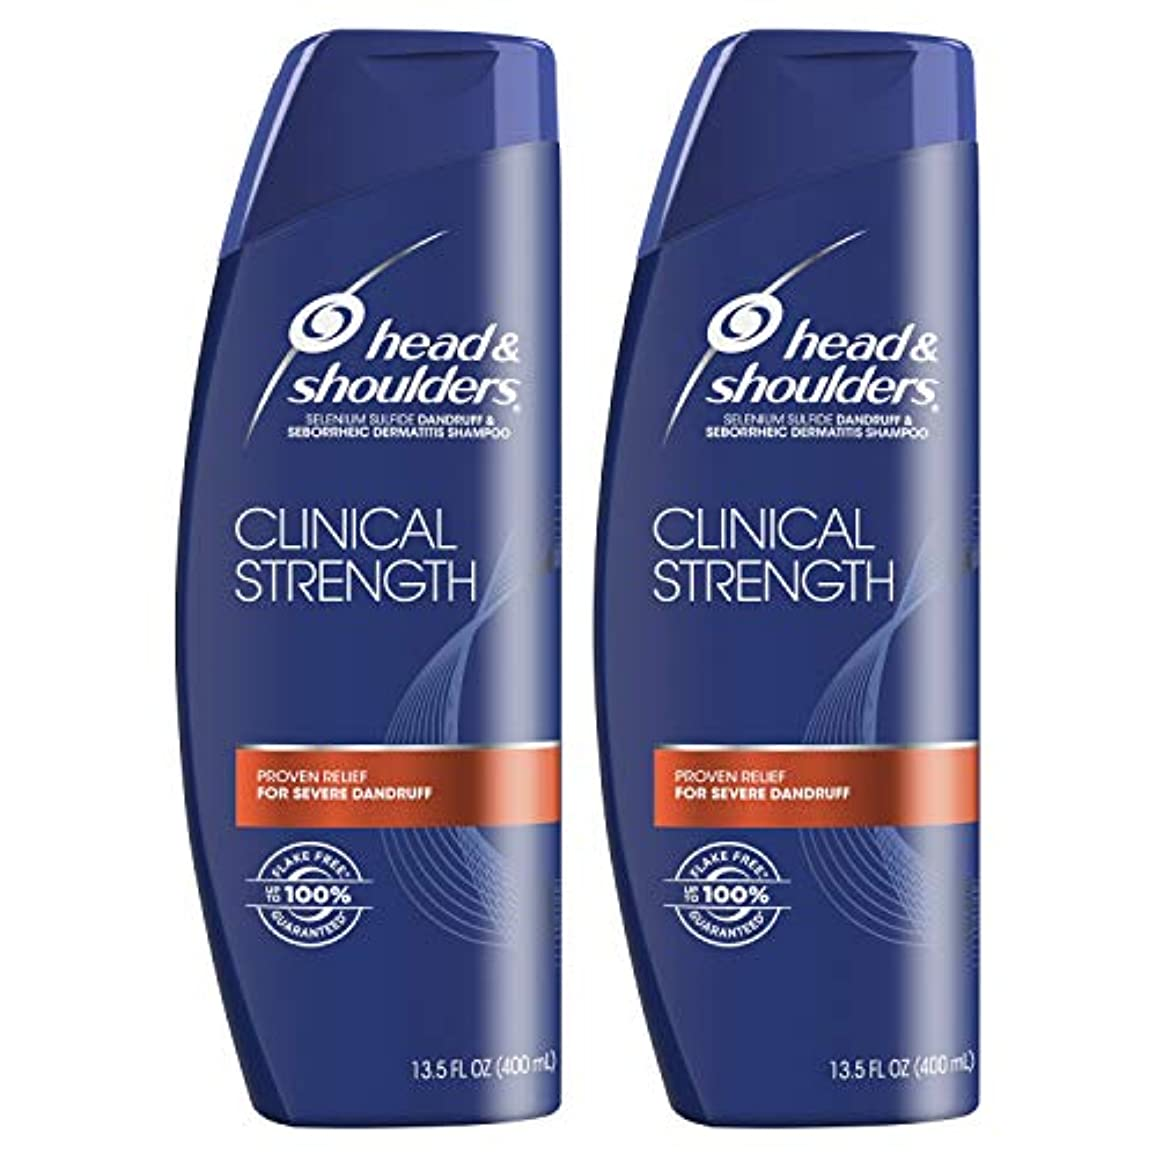 処方捧げる聖職者Head and Shoulders Clinical Strength Dandruff and Seborrheic Dermatitisシャンプー、13.5 FL OZ